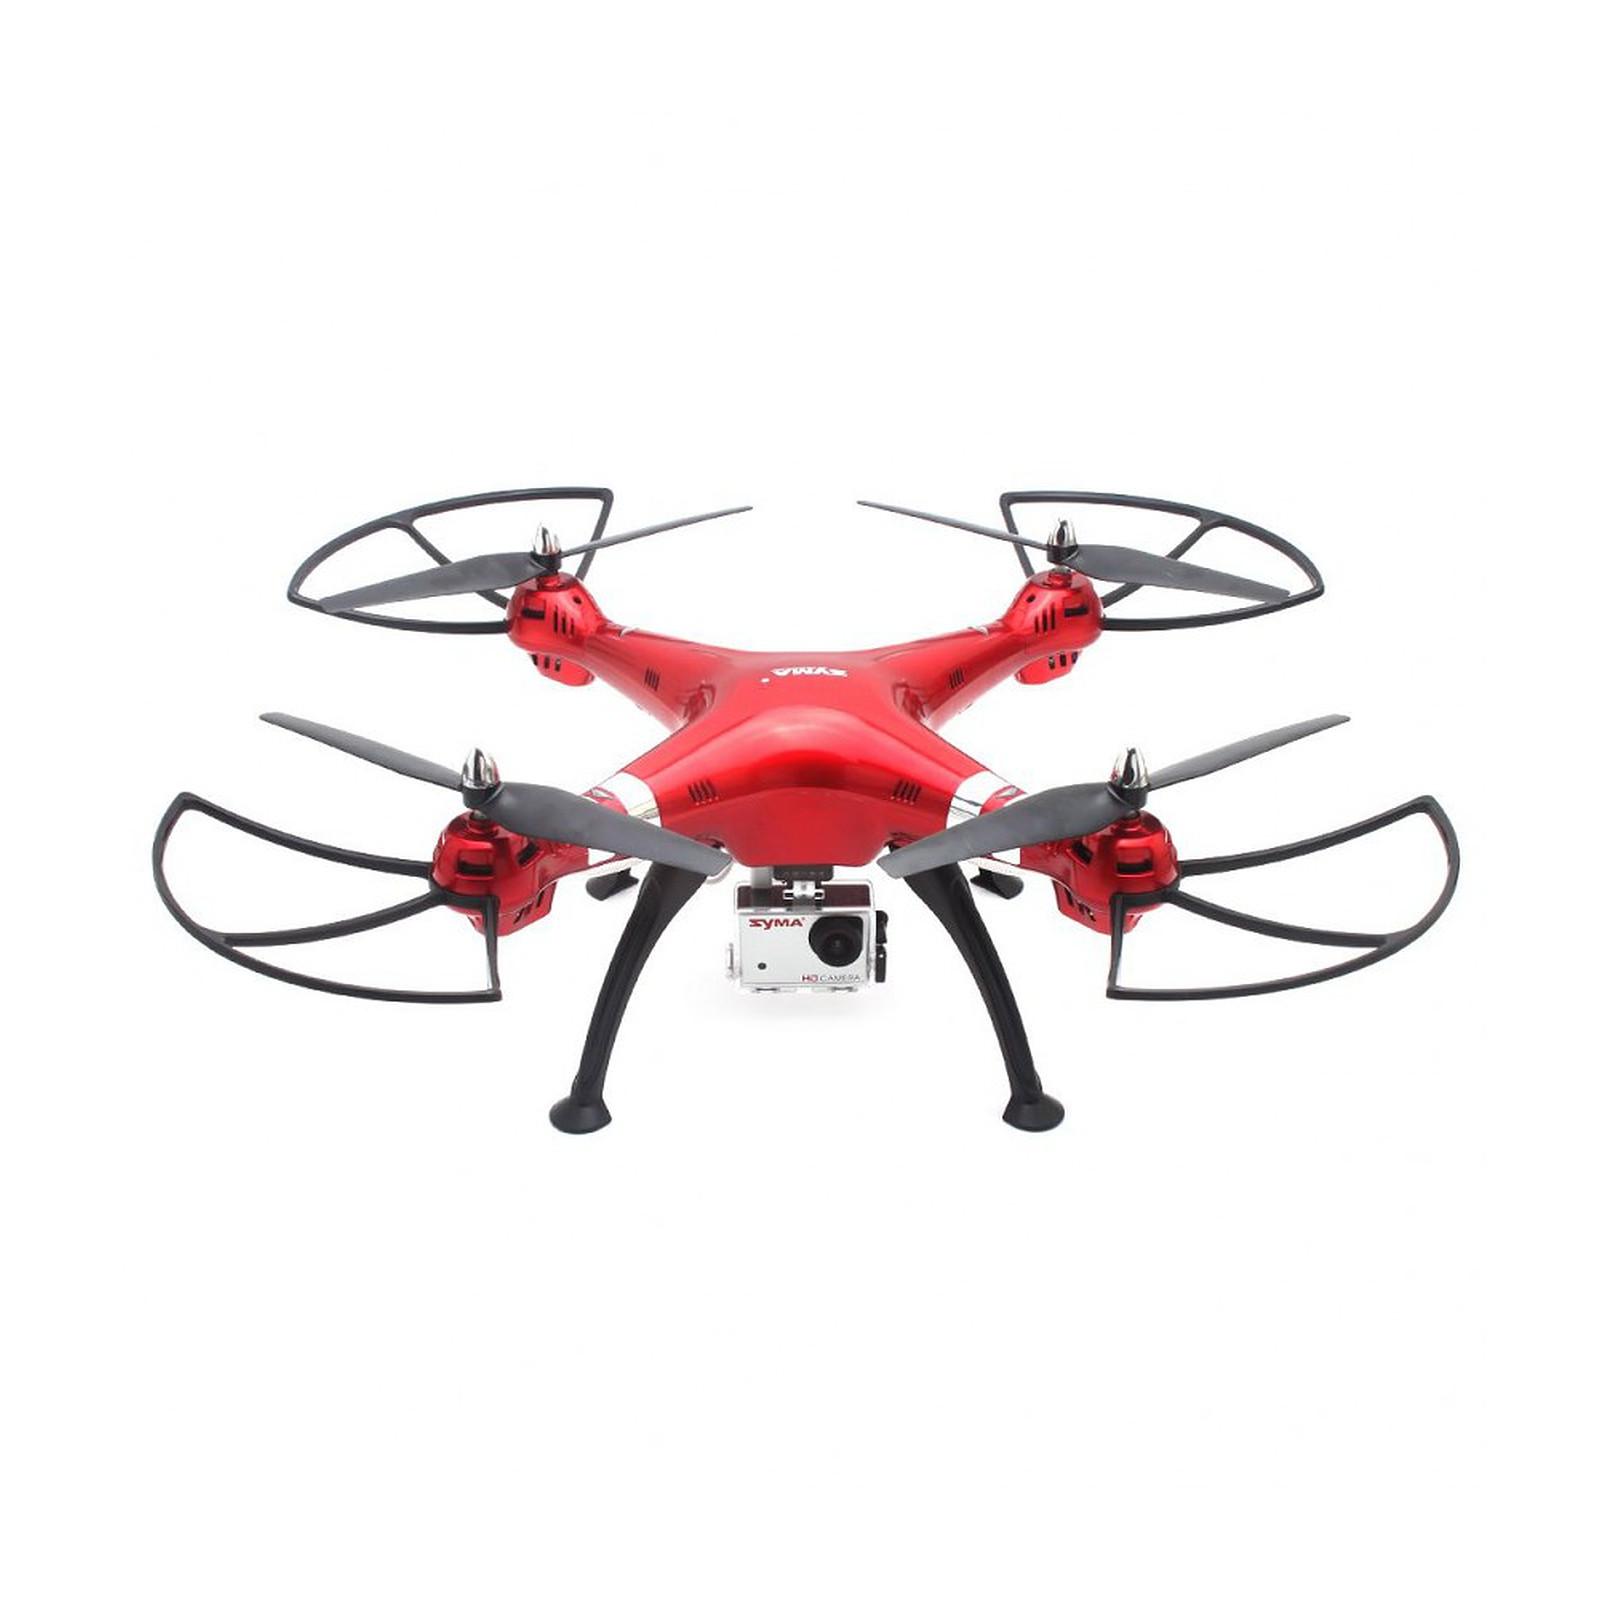 SYMA Drone X8HG caméra Full HD 1080p